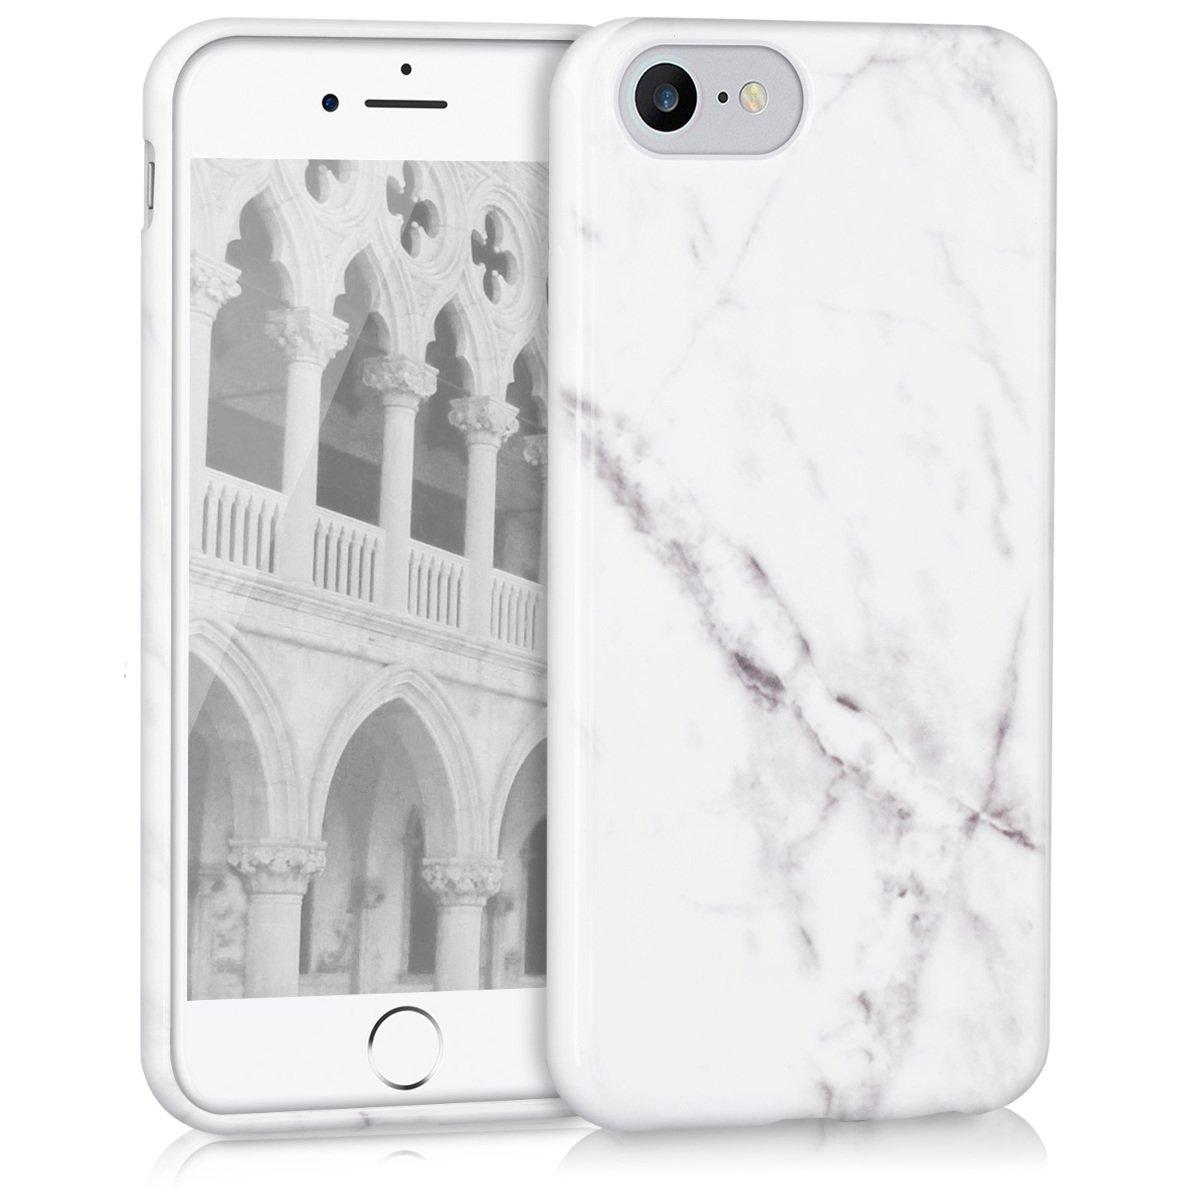 kwmobile Funda para Apple iPhone 7/8 - Carcasa de TPU para móvil y diseño de mármol clásico en Blanco/Negro